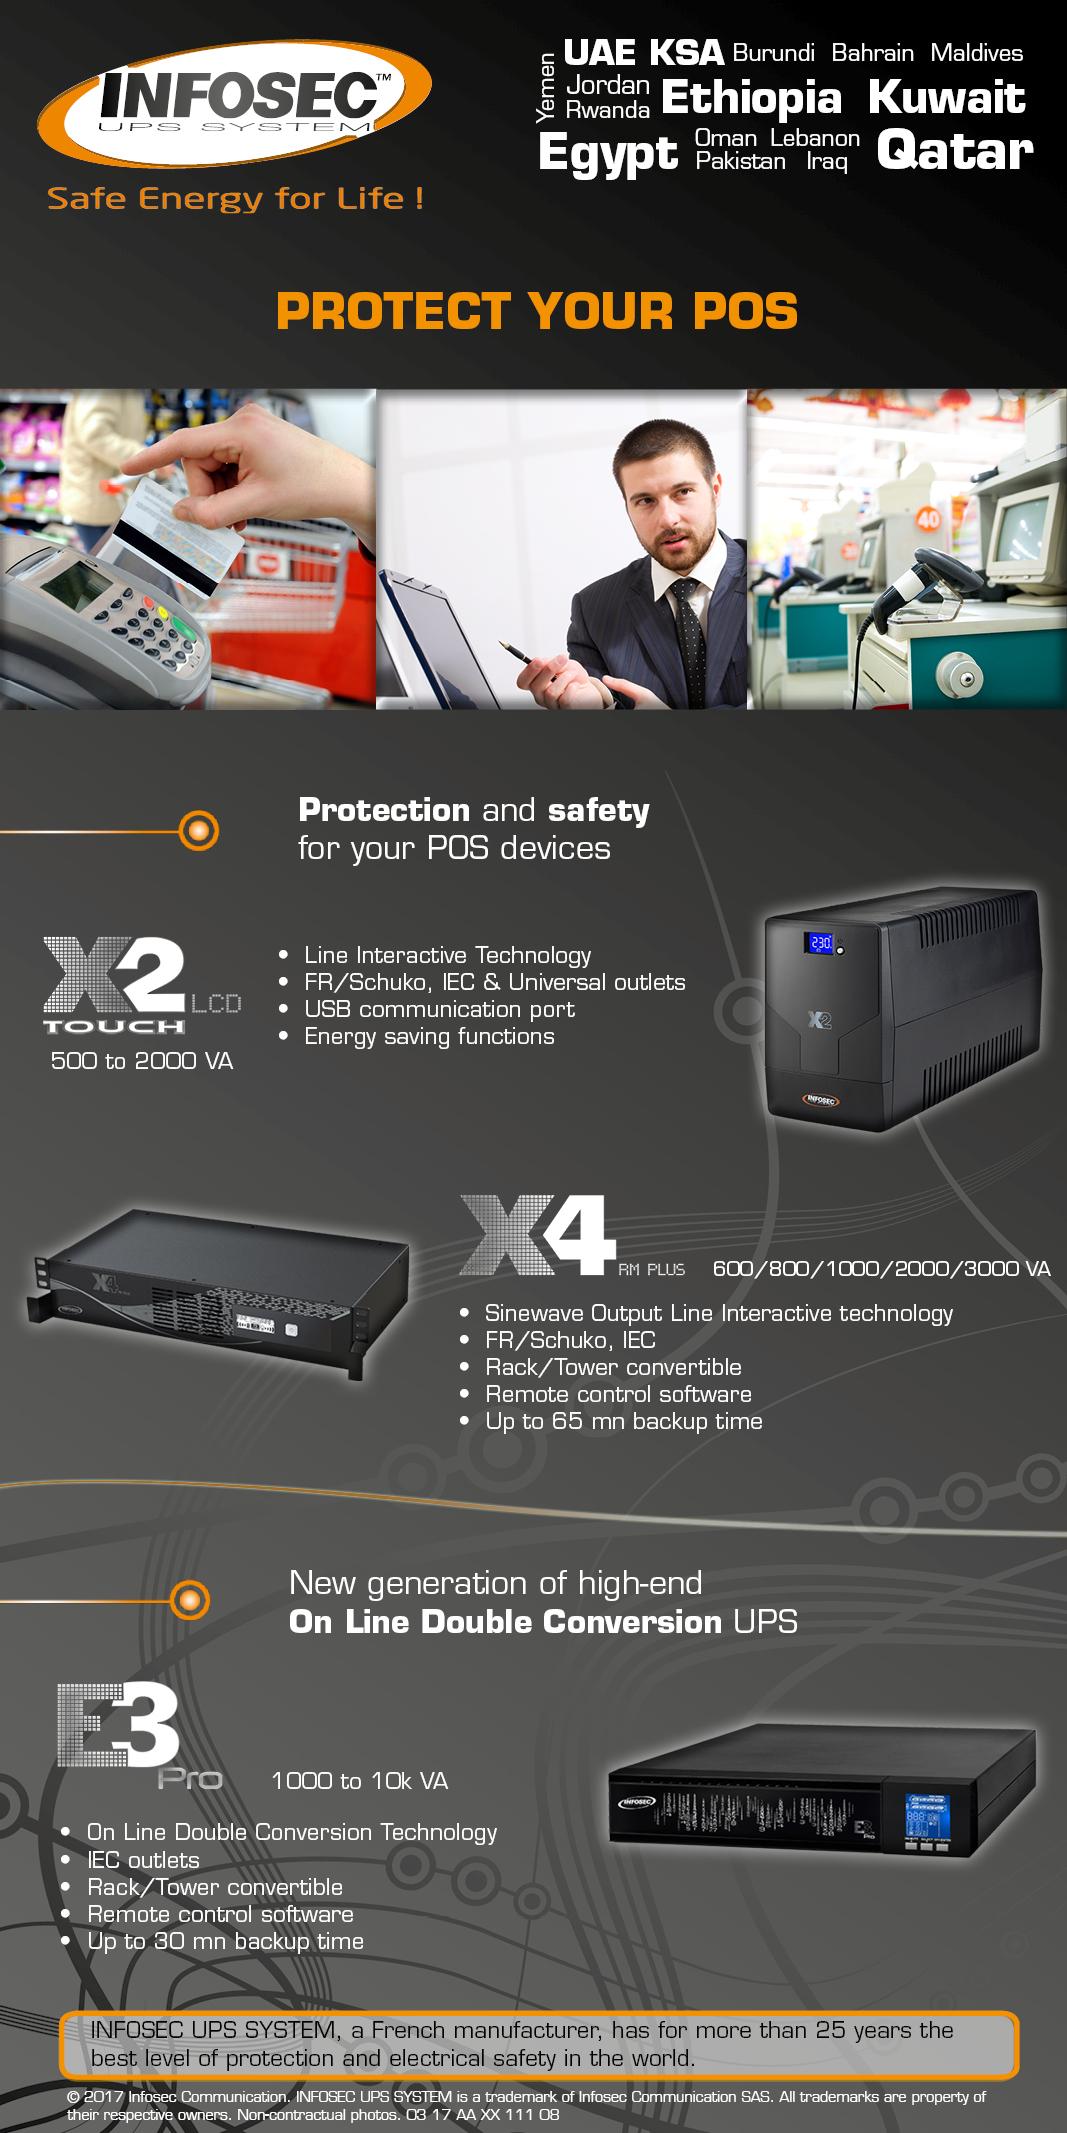 infosec-ups-system-%e2%98%9e-protect-your-pos-solutions